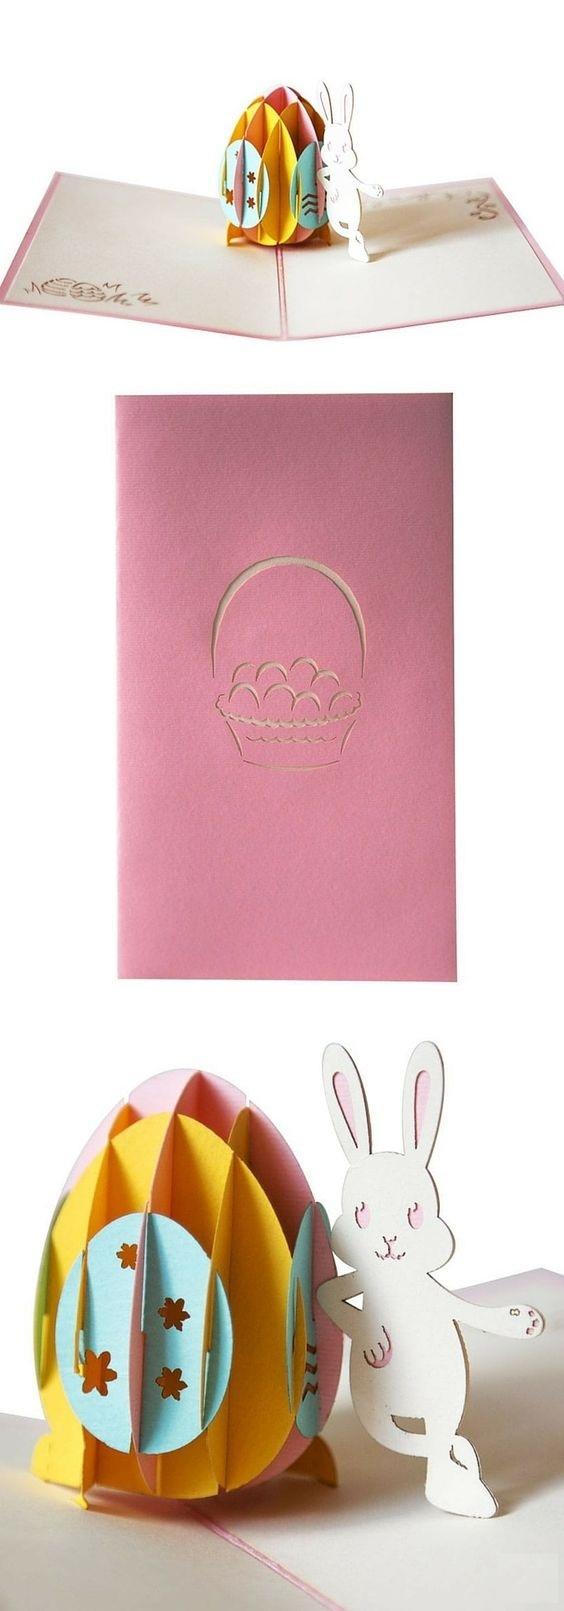 pop up объемная открытка с зайчиком